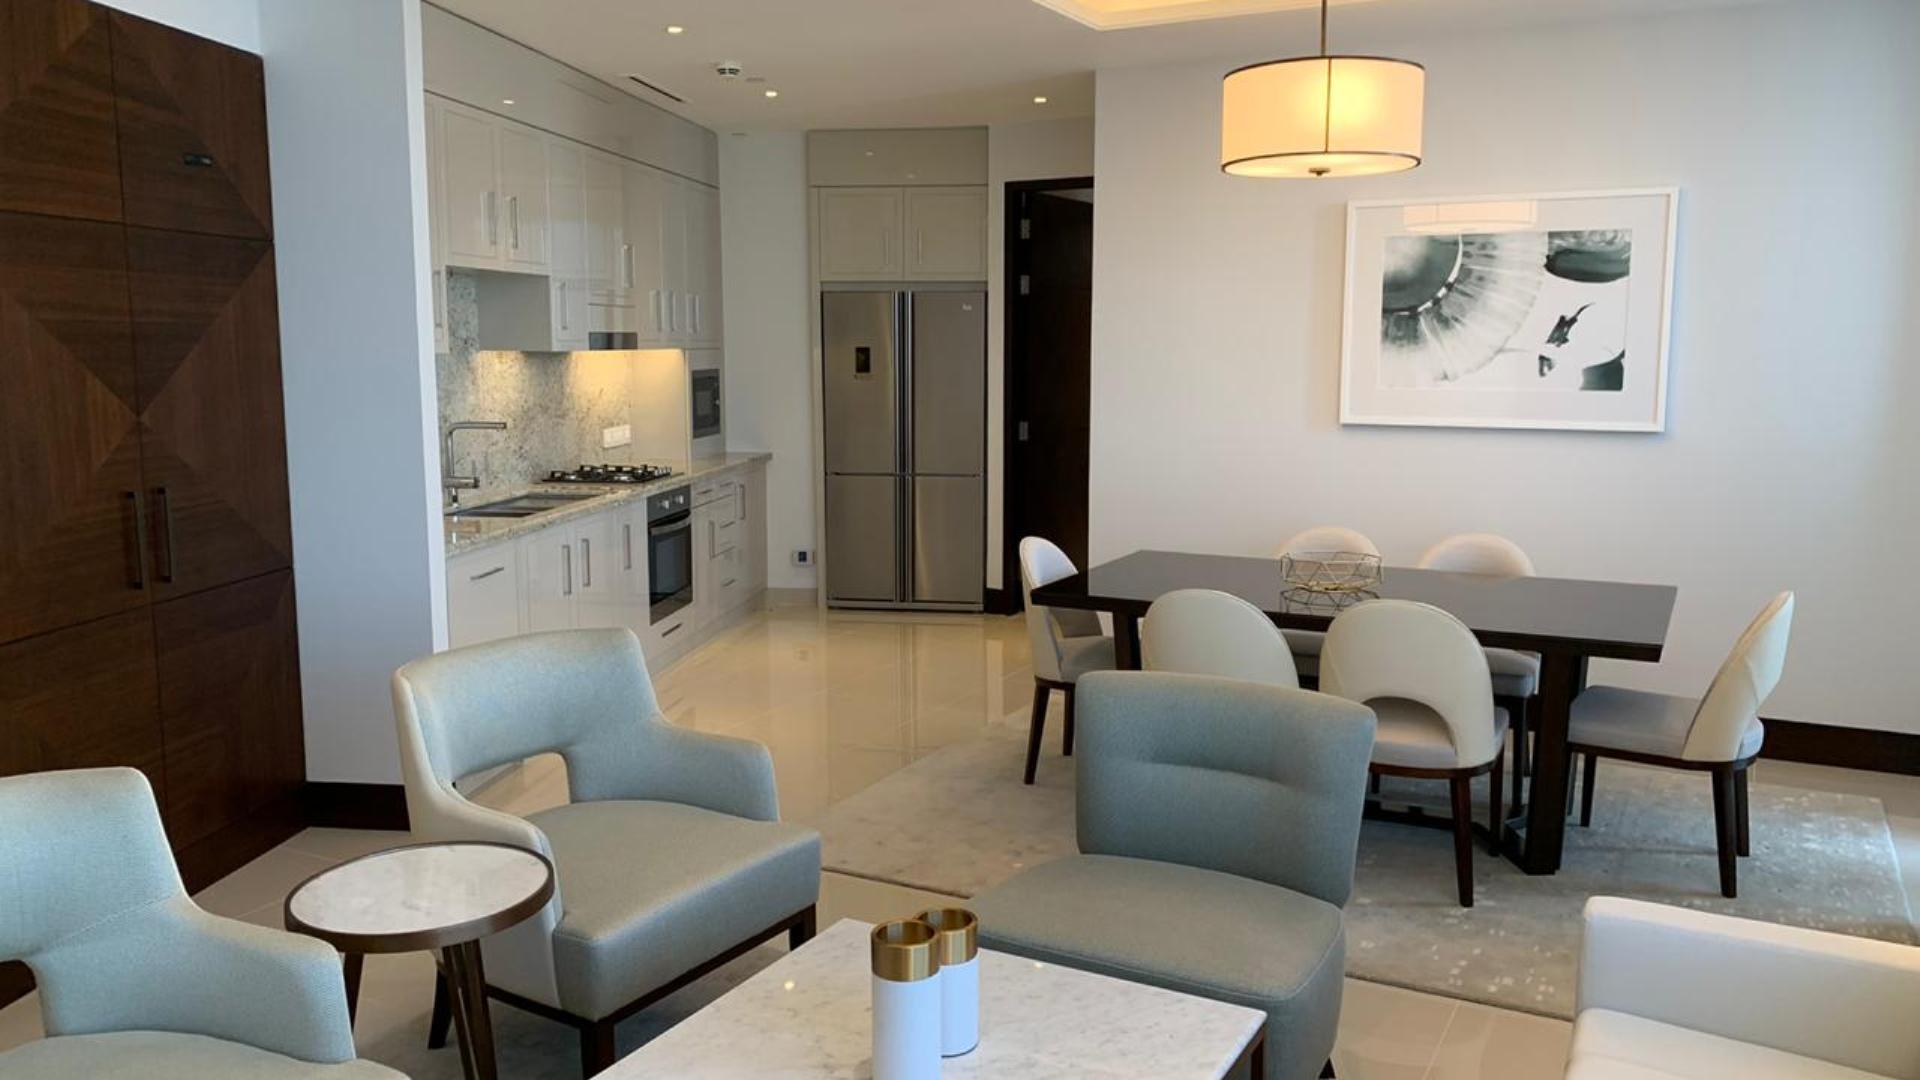 Apartamento en venta en Dubai, EAU, 2 dormitorios, 158 m2, № 24409 – foto 1